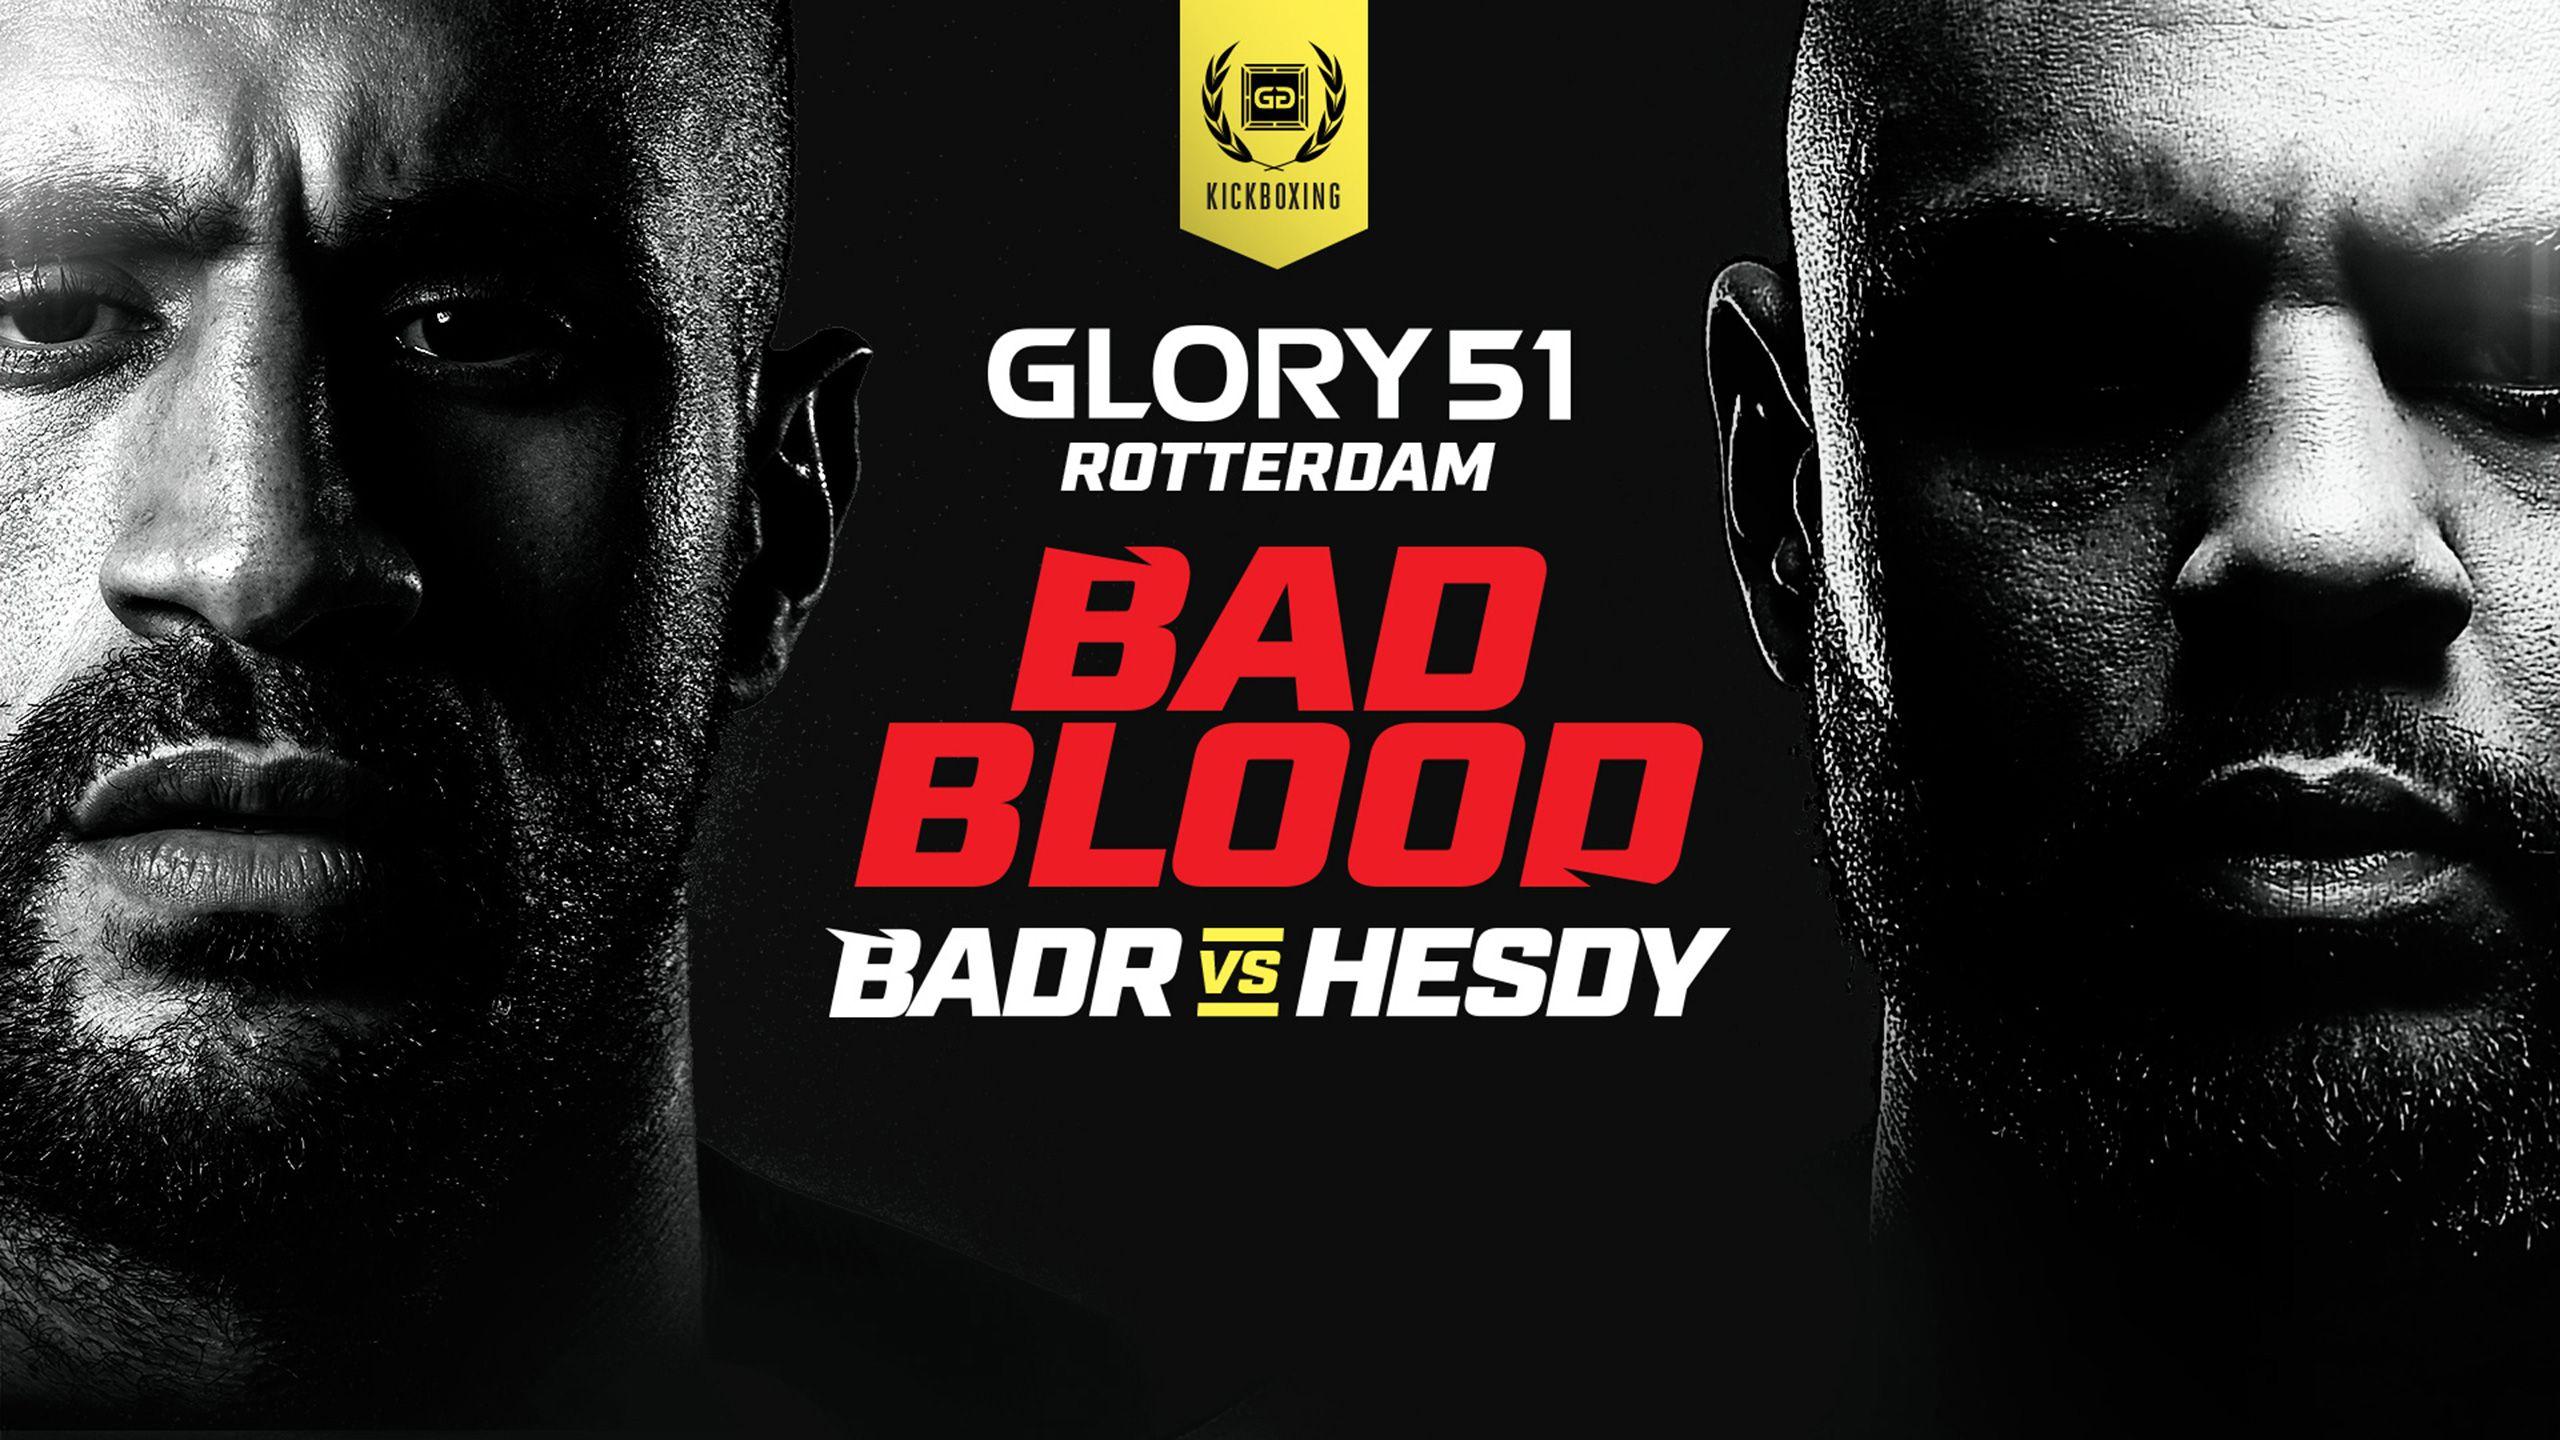 Kickboxing: GLORY 51